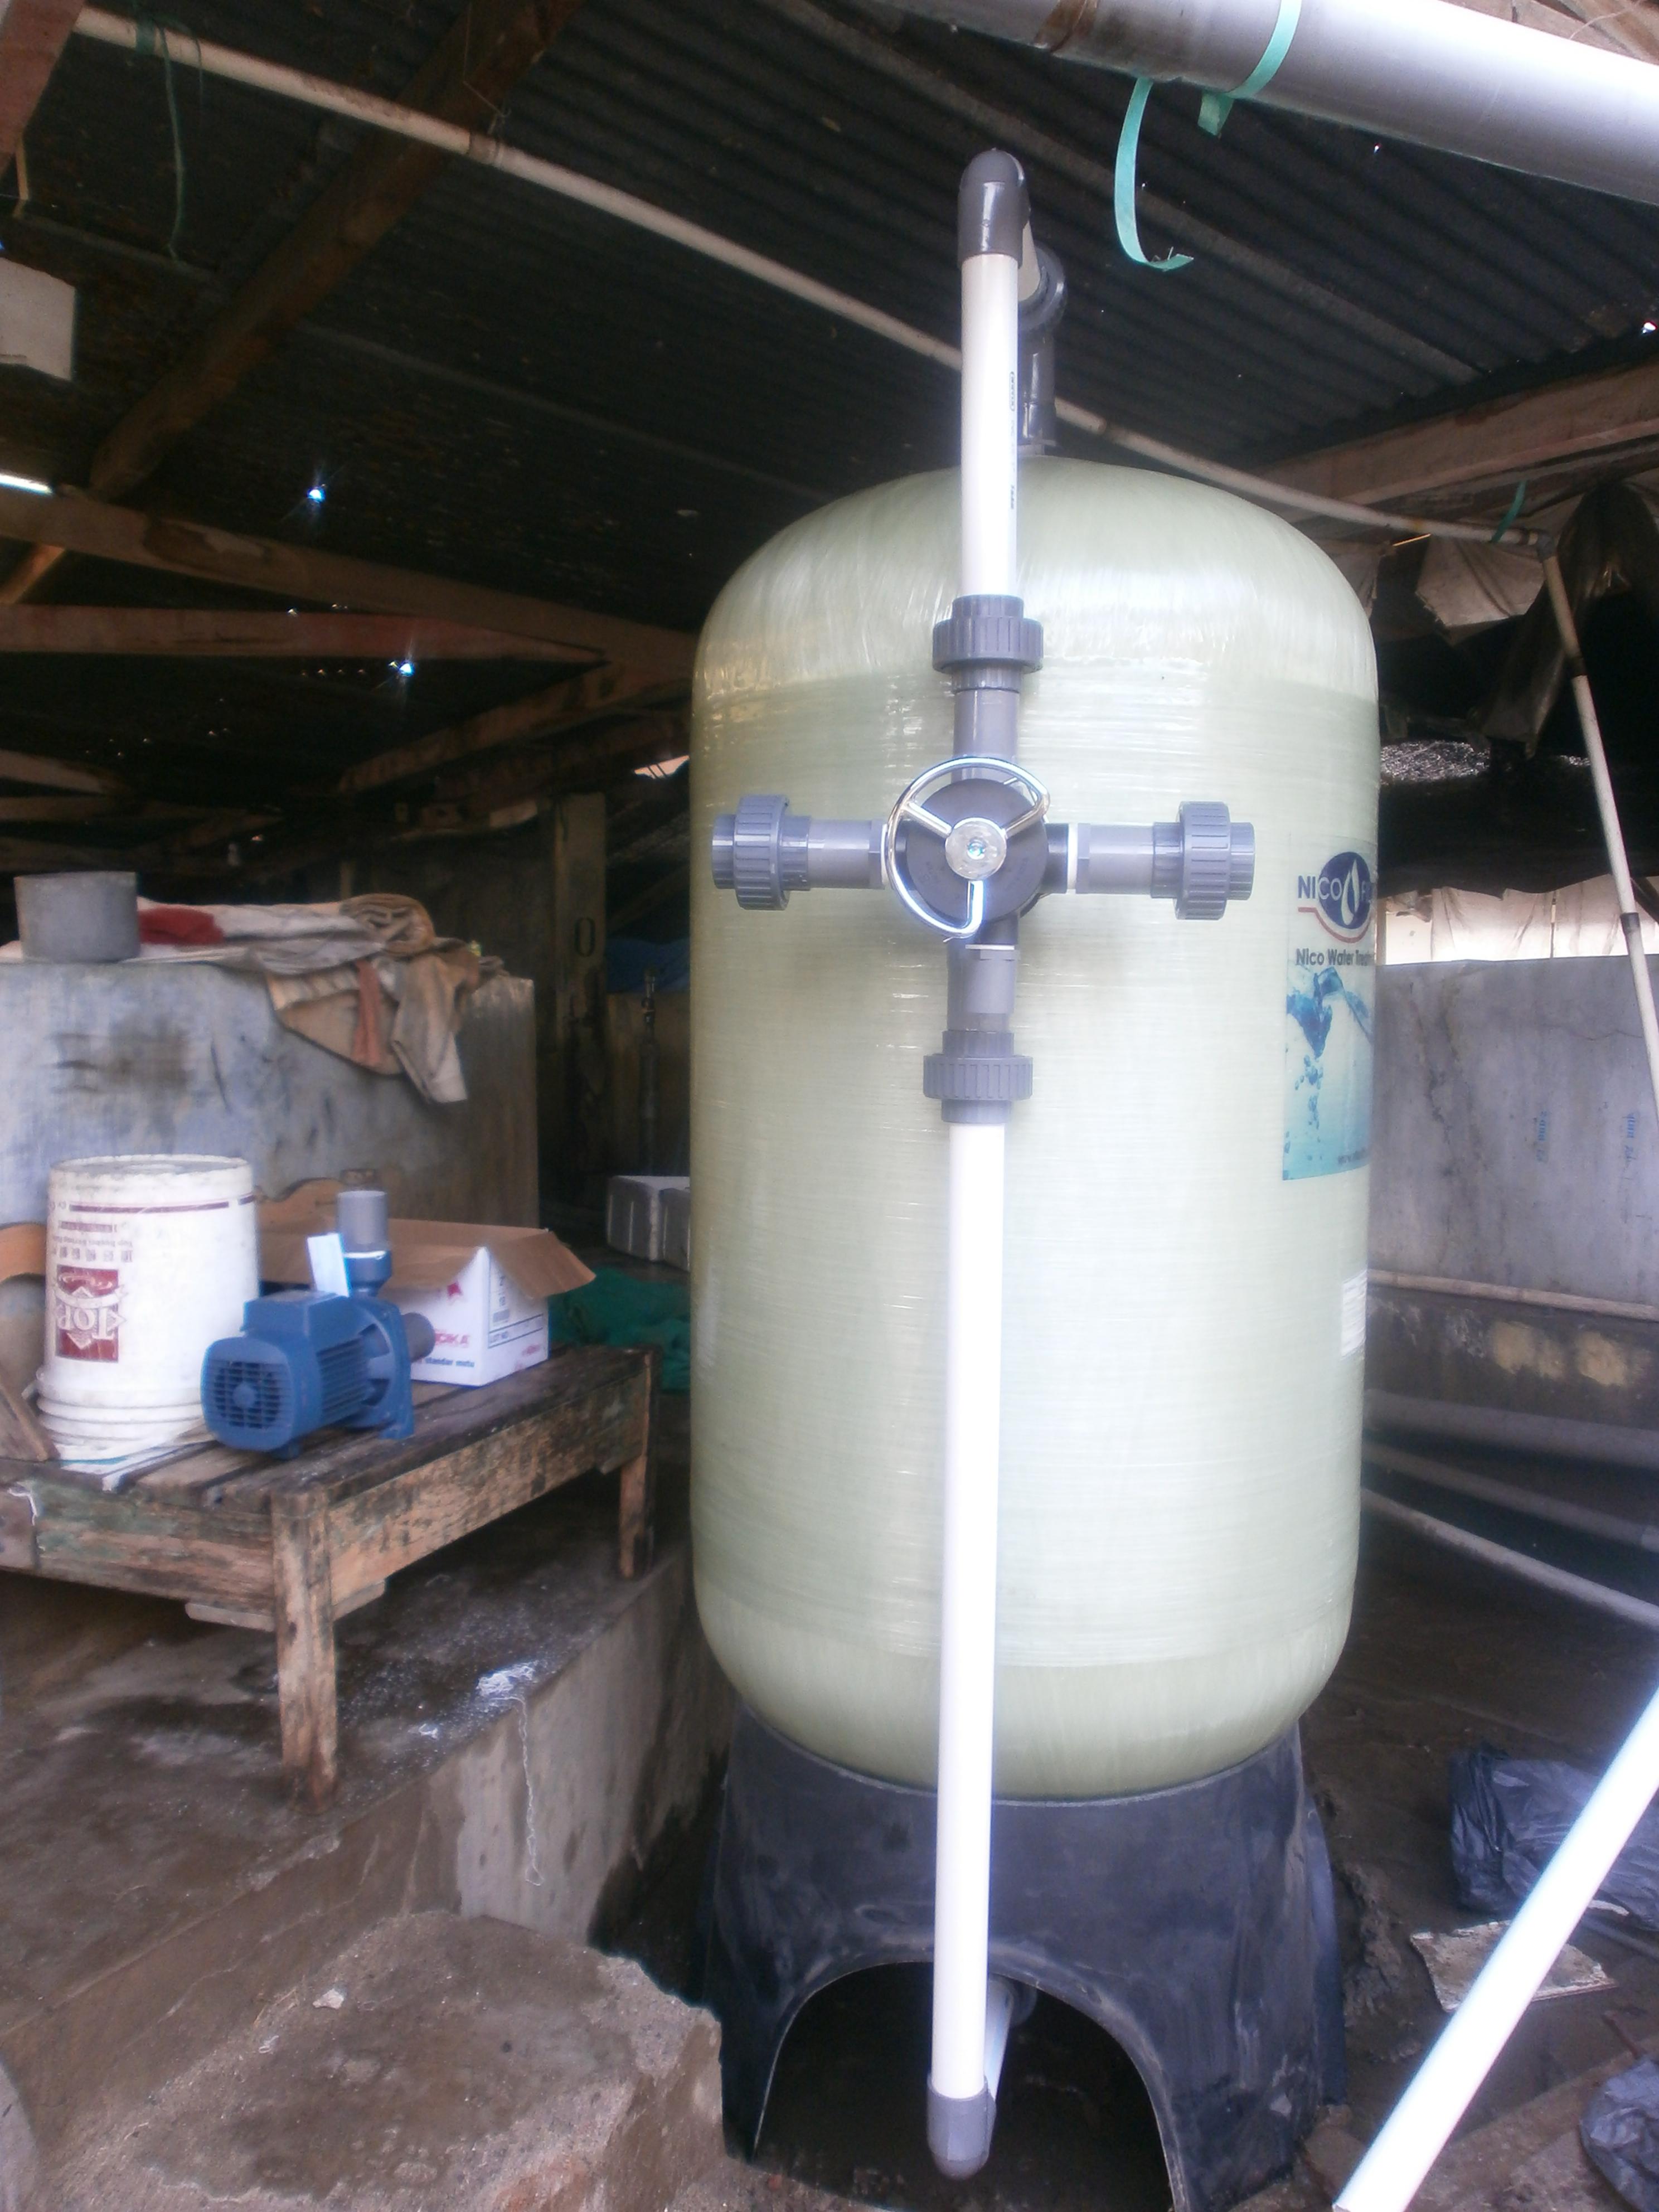 Instalasi Nico Filter di Pabrik Peternakan Udang Sidoarjo